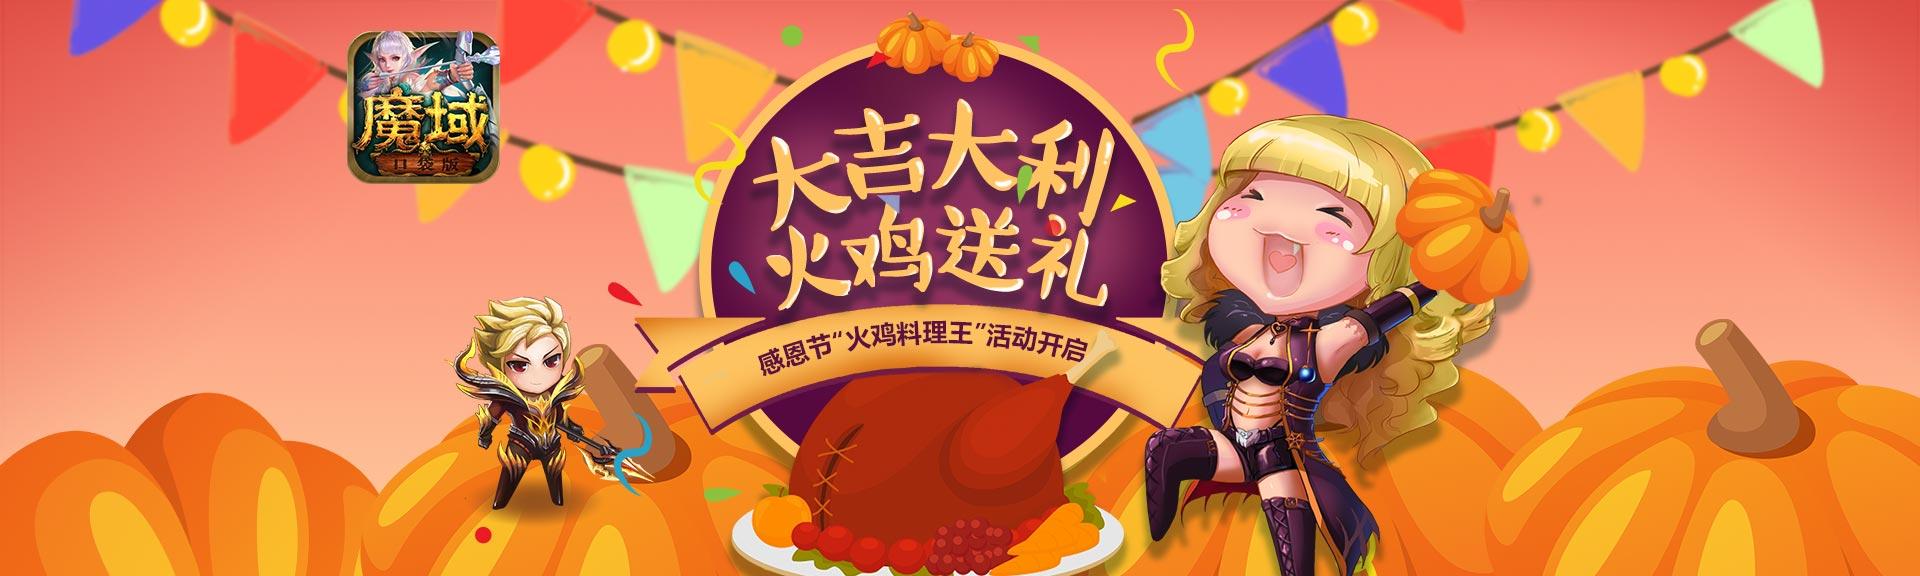 大吉大利 火鸡送礼!《魔域口袋版》火鸡料理王活动开启